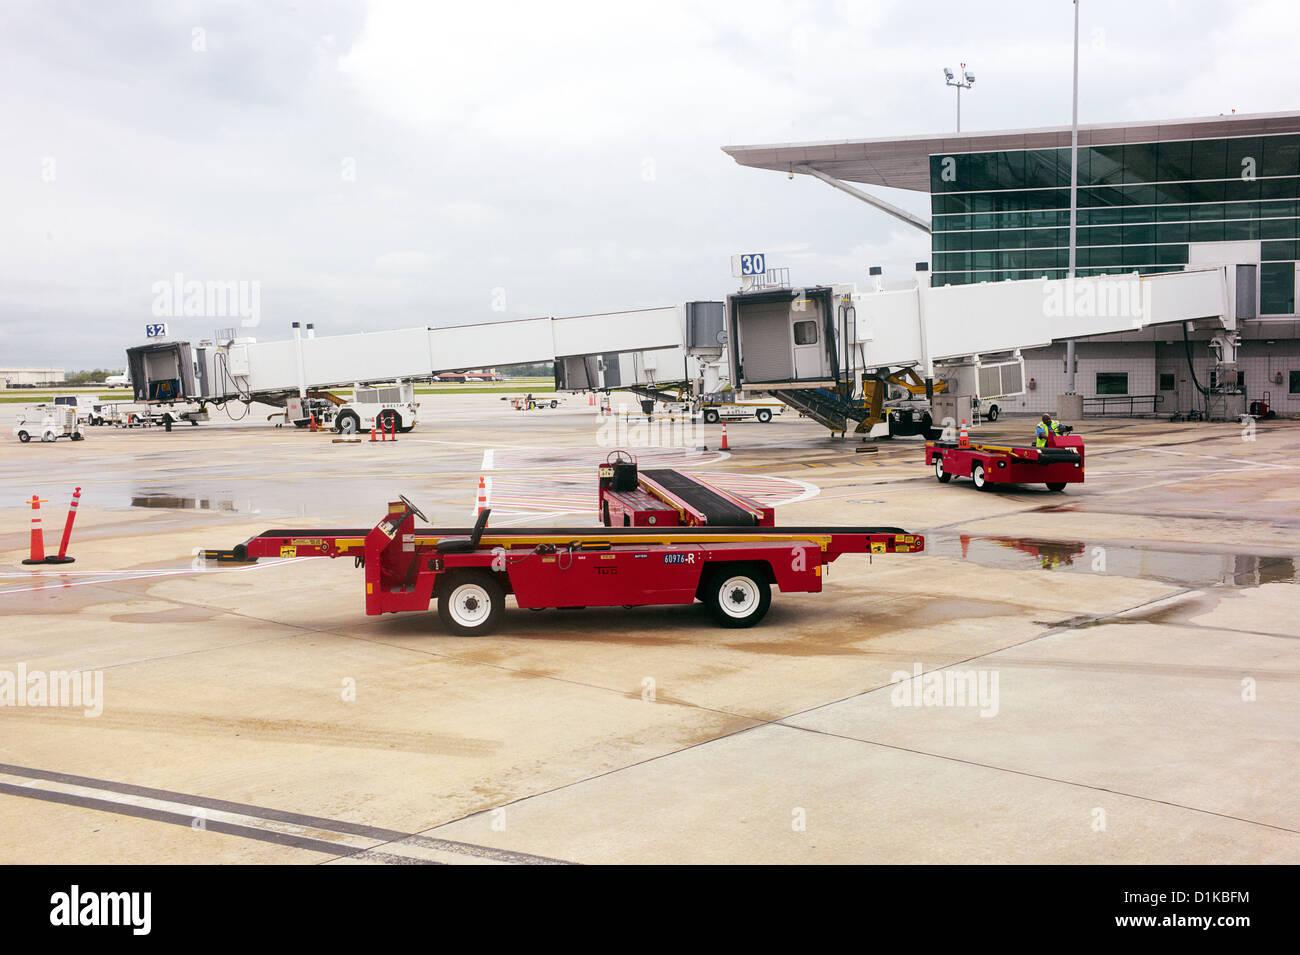 Eine rote Gepäckverladung Auto auf einem Flughafen-Asphalt Stockbild